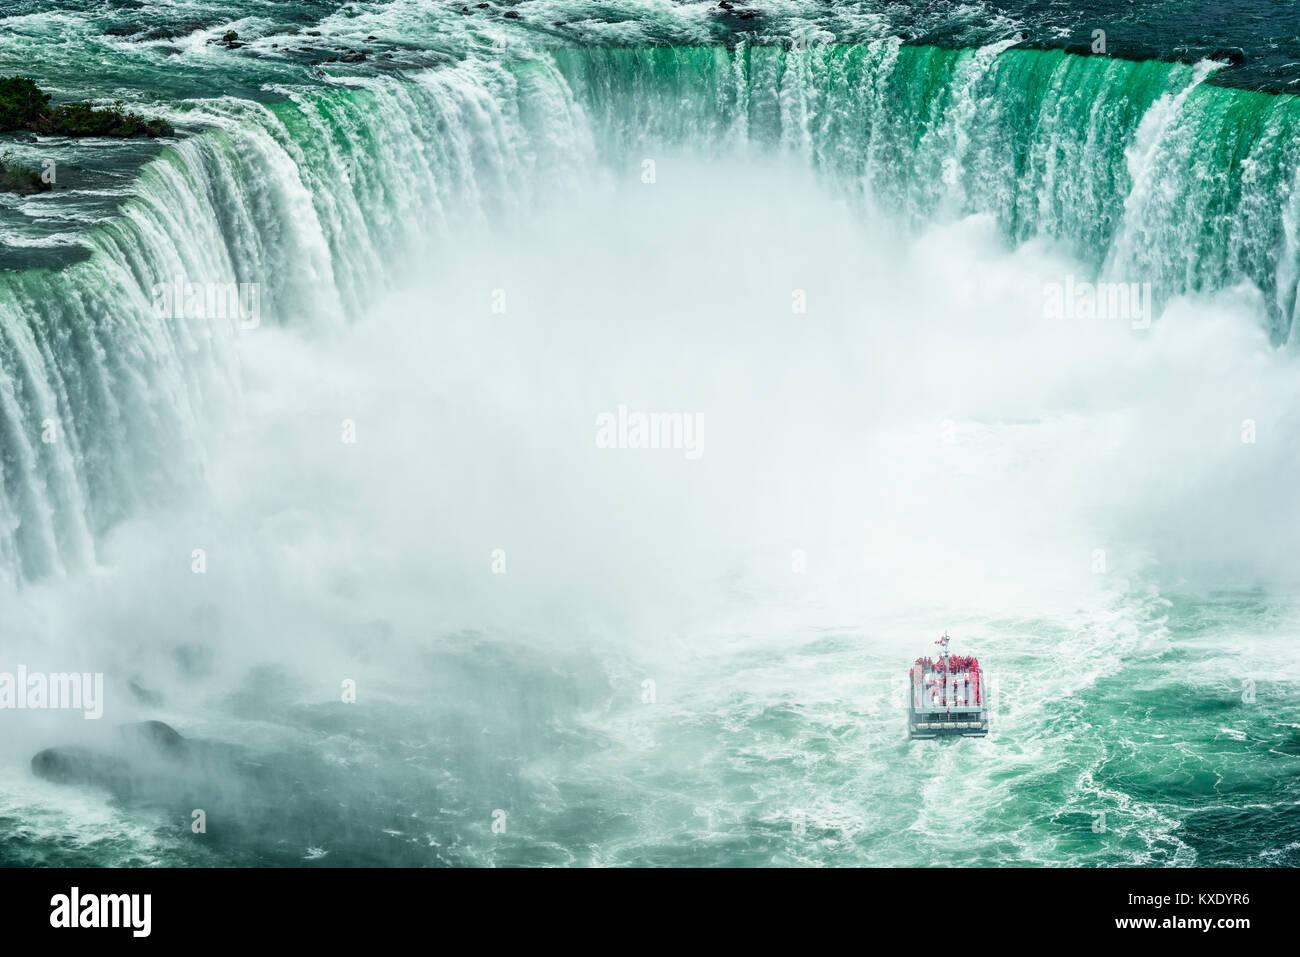 Un alto ángulo de visualización en barco de pasajeros acercándose a las Cataratas del Niágara, visto desde el lado Foto de stock